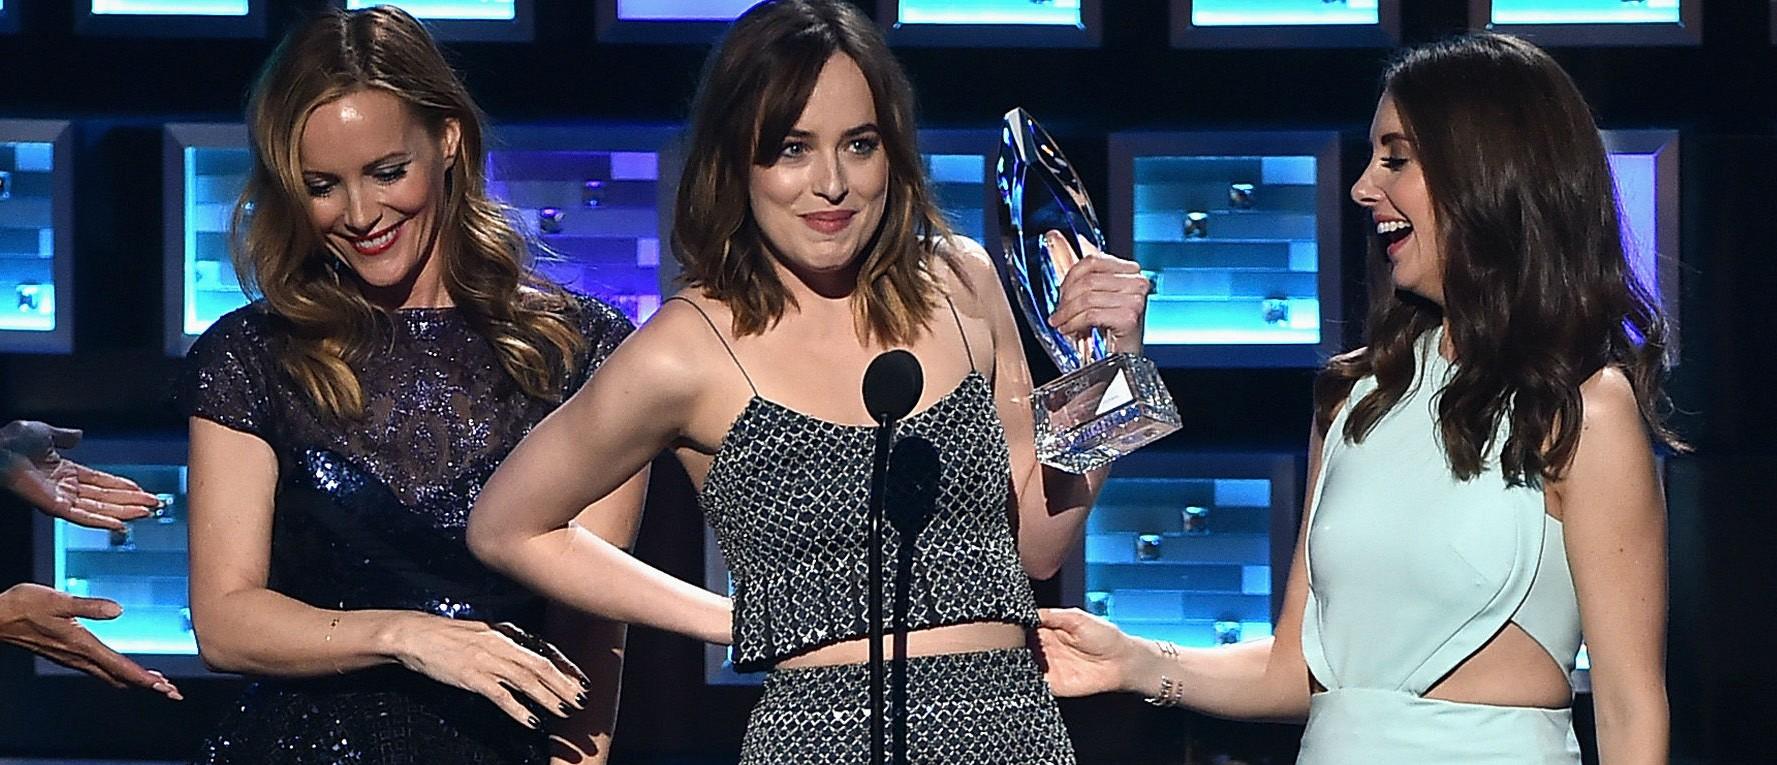 Dakota Johnson flashes People's Choice Awards. (Photo: Getty Images)